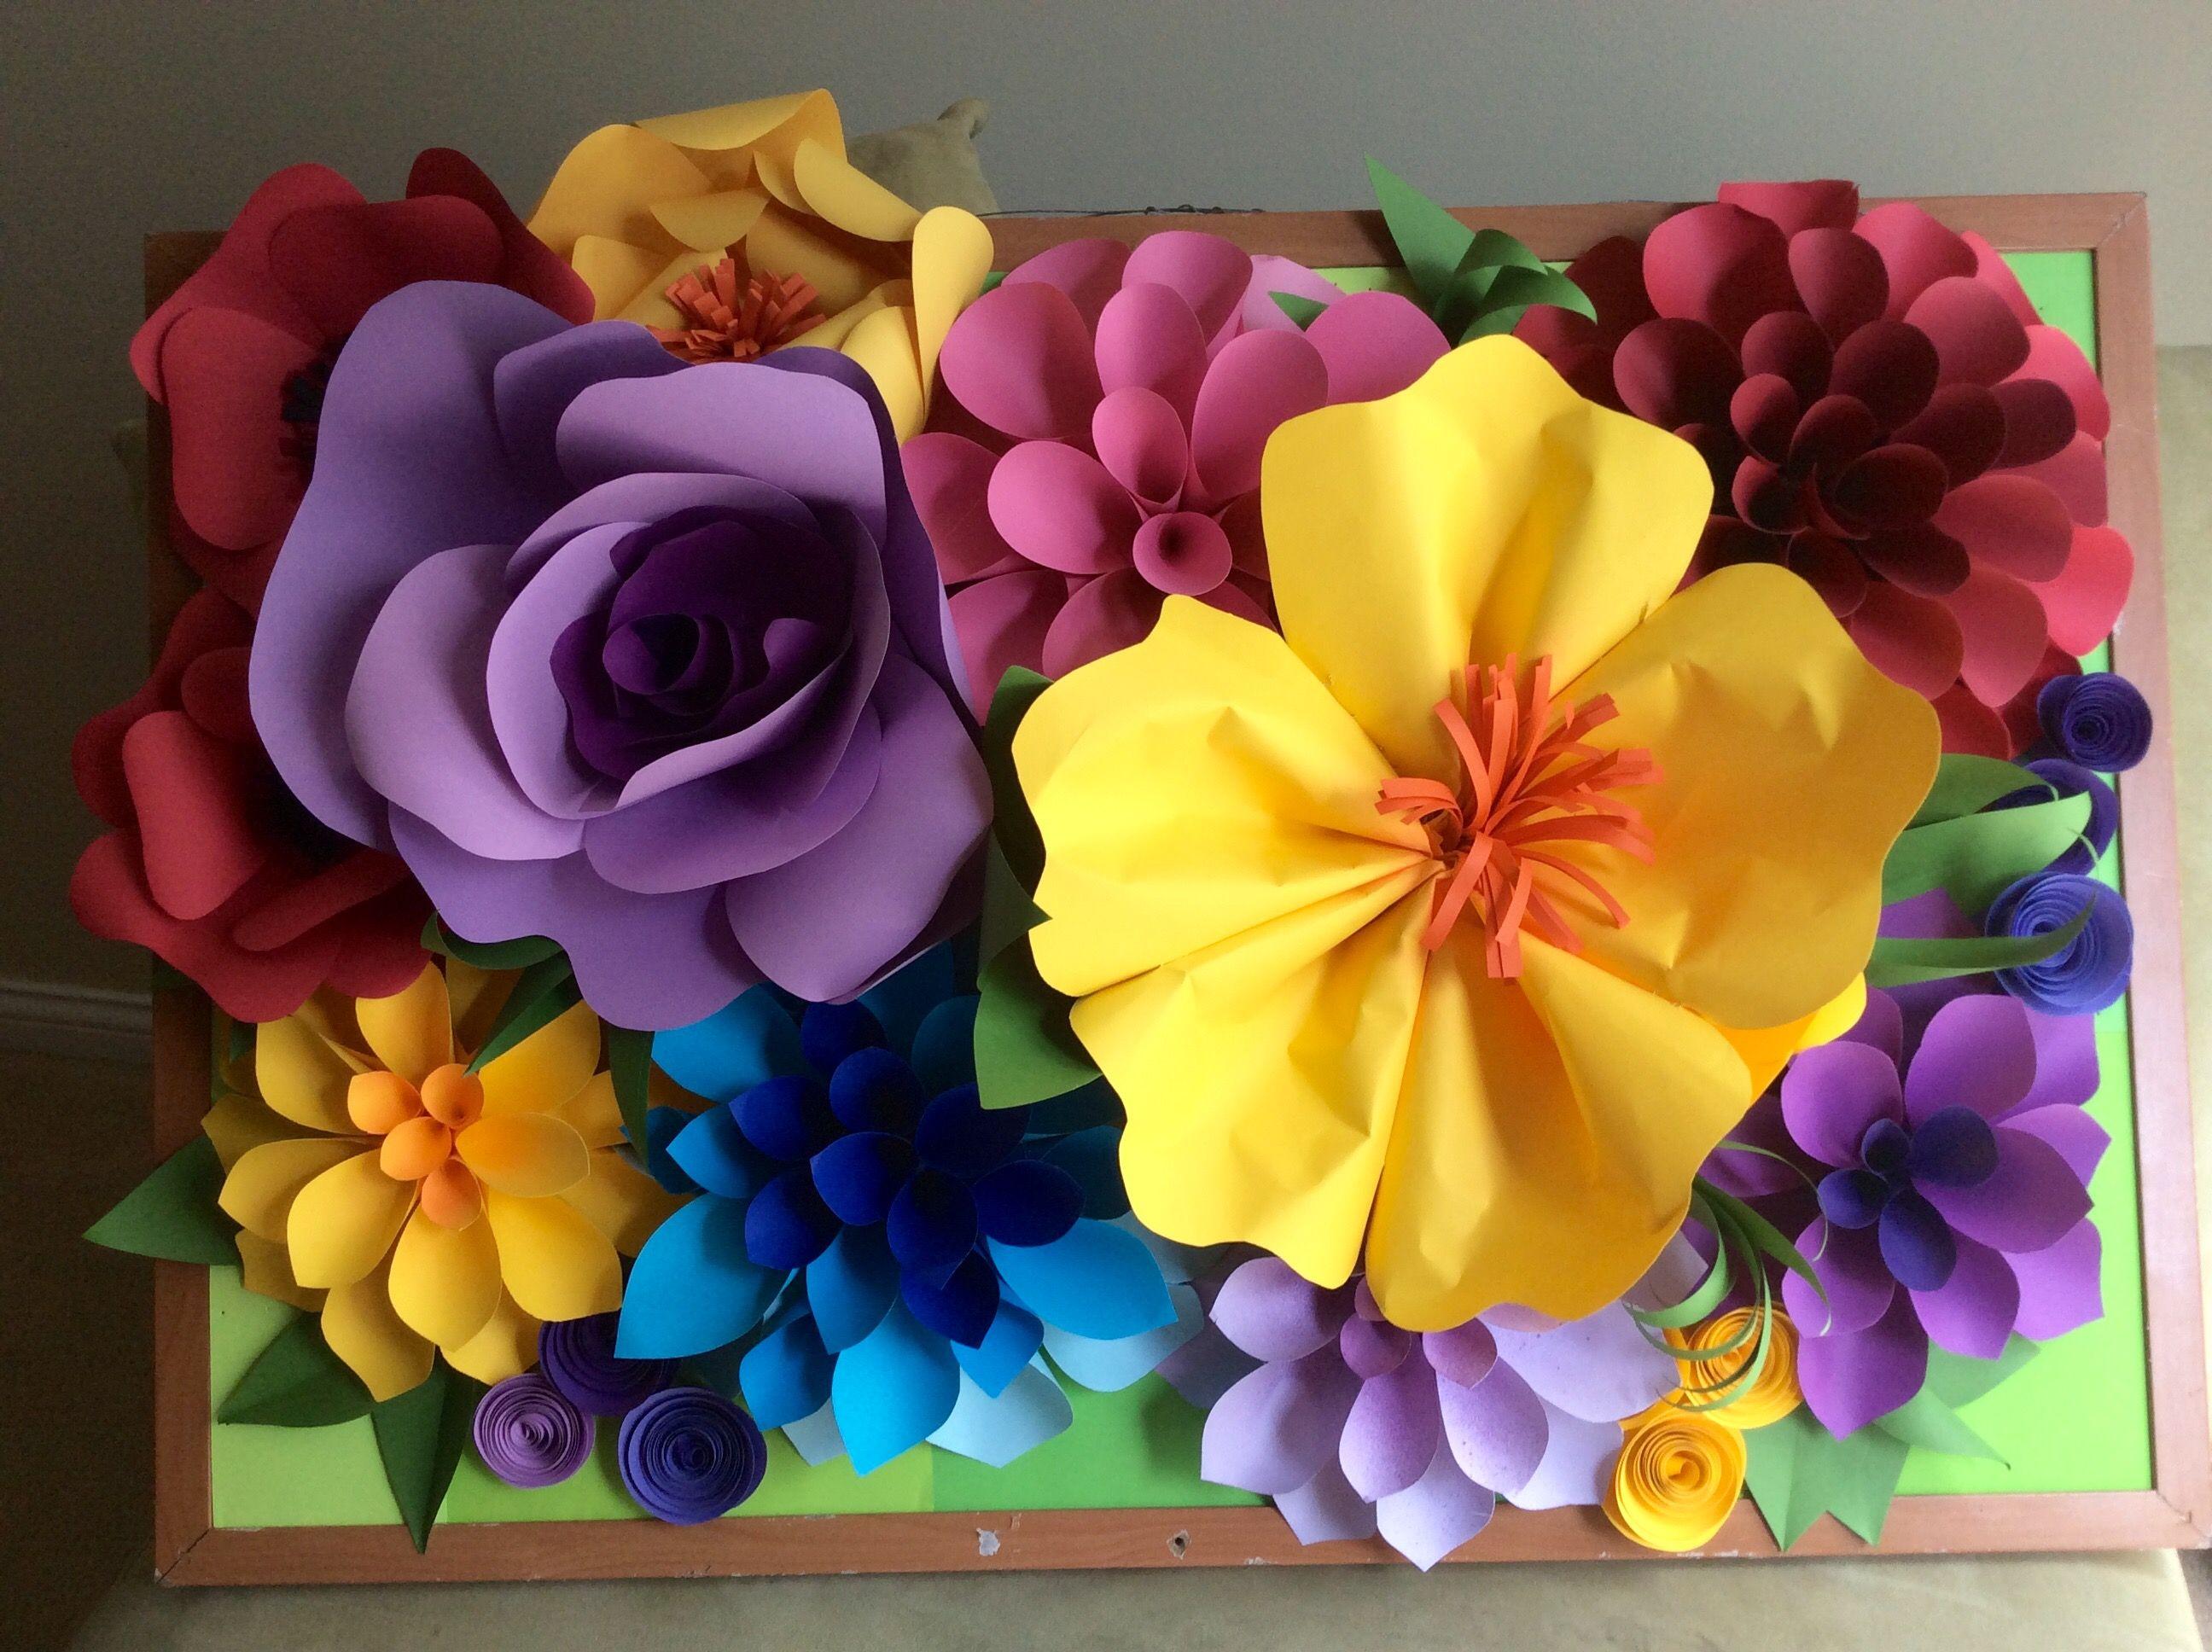 Funky Paper Flower Wall Art Crest - Art & Wall Decor - hecatalog.info